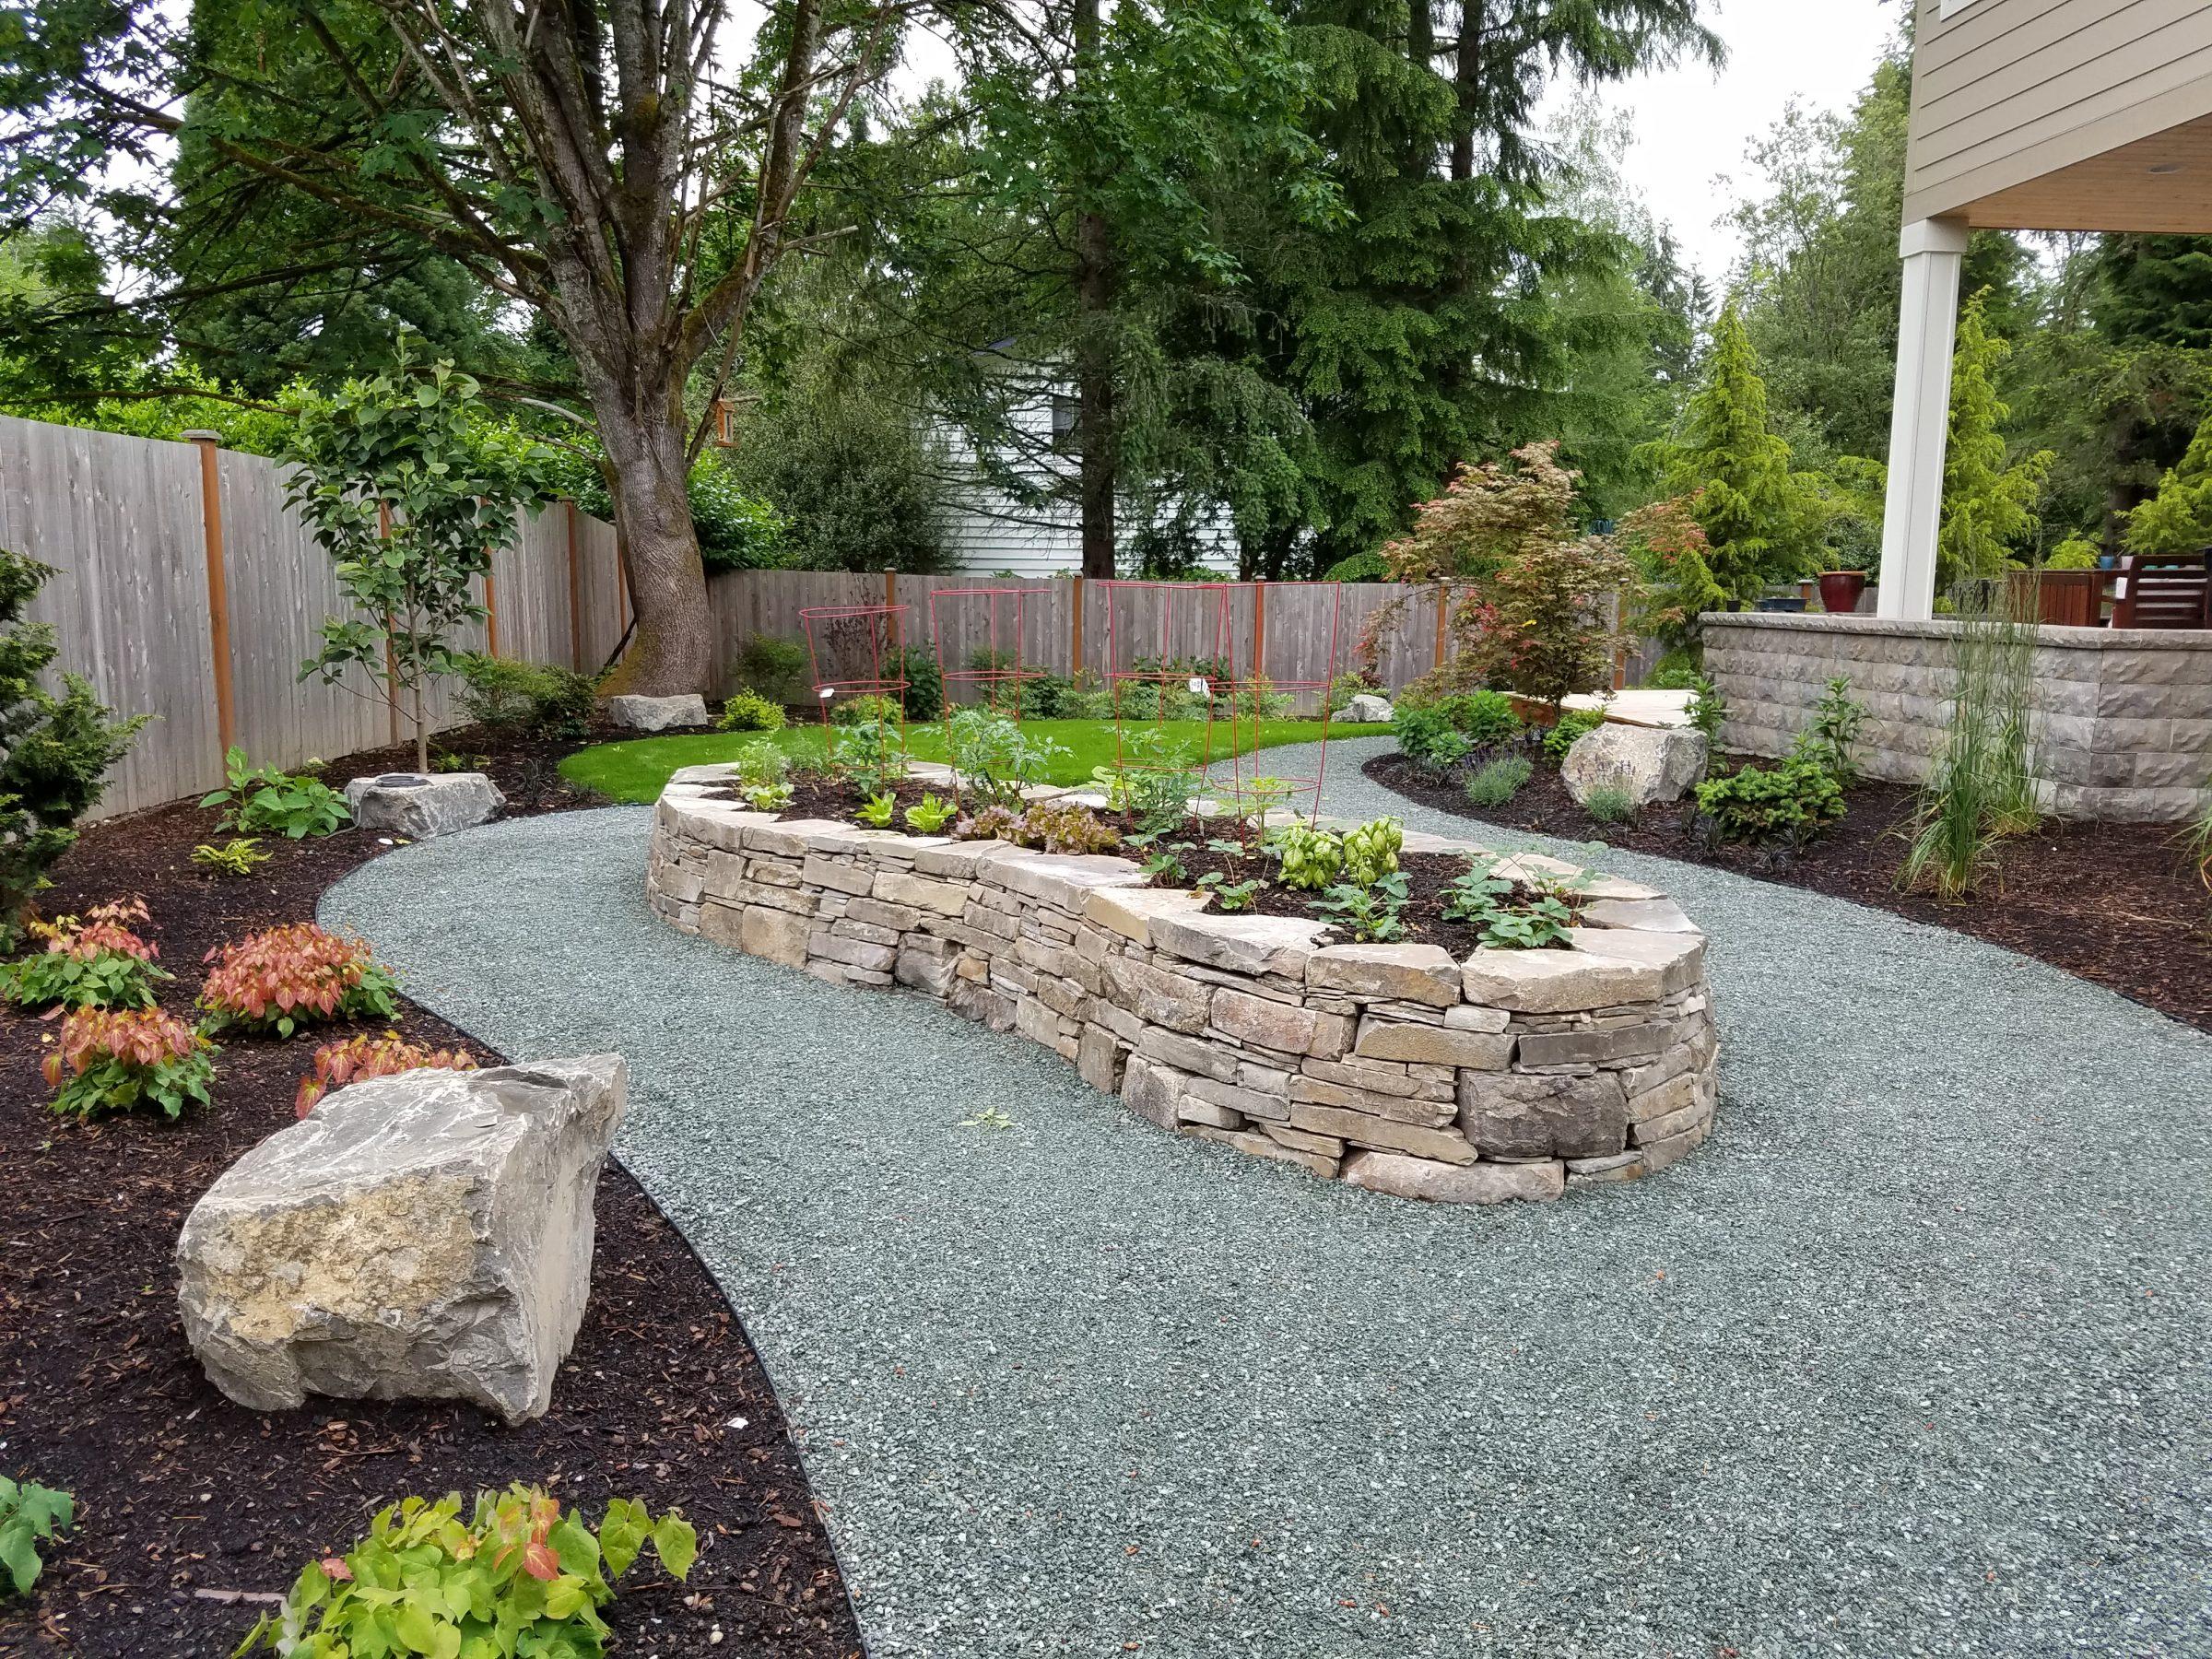 Landscaping Your Side Yard : Woodinville side yard vegetable garden sublime design landscape